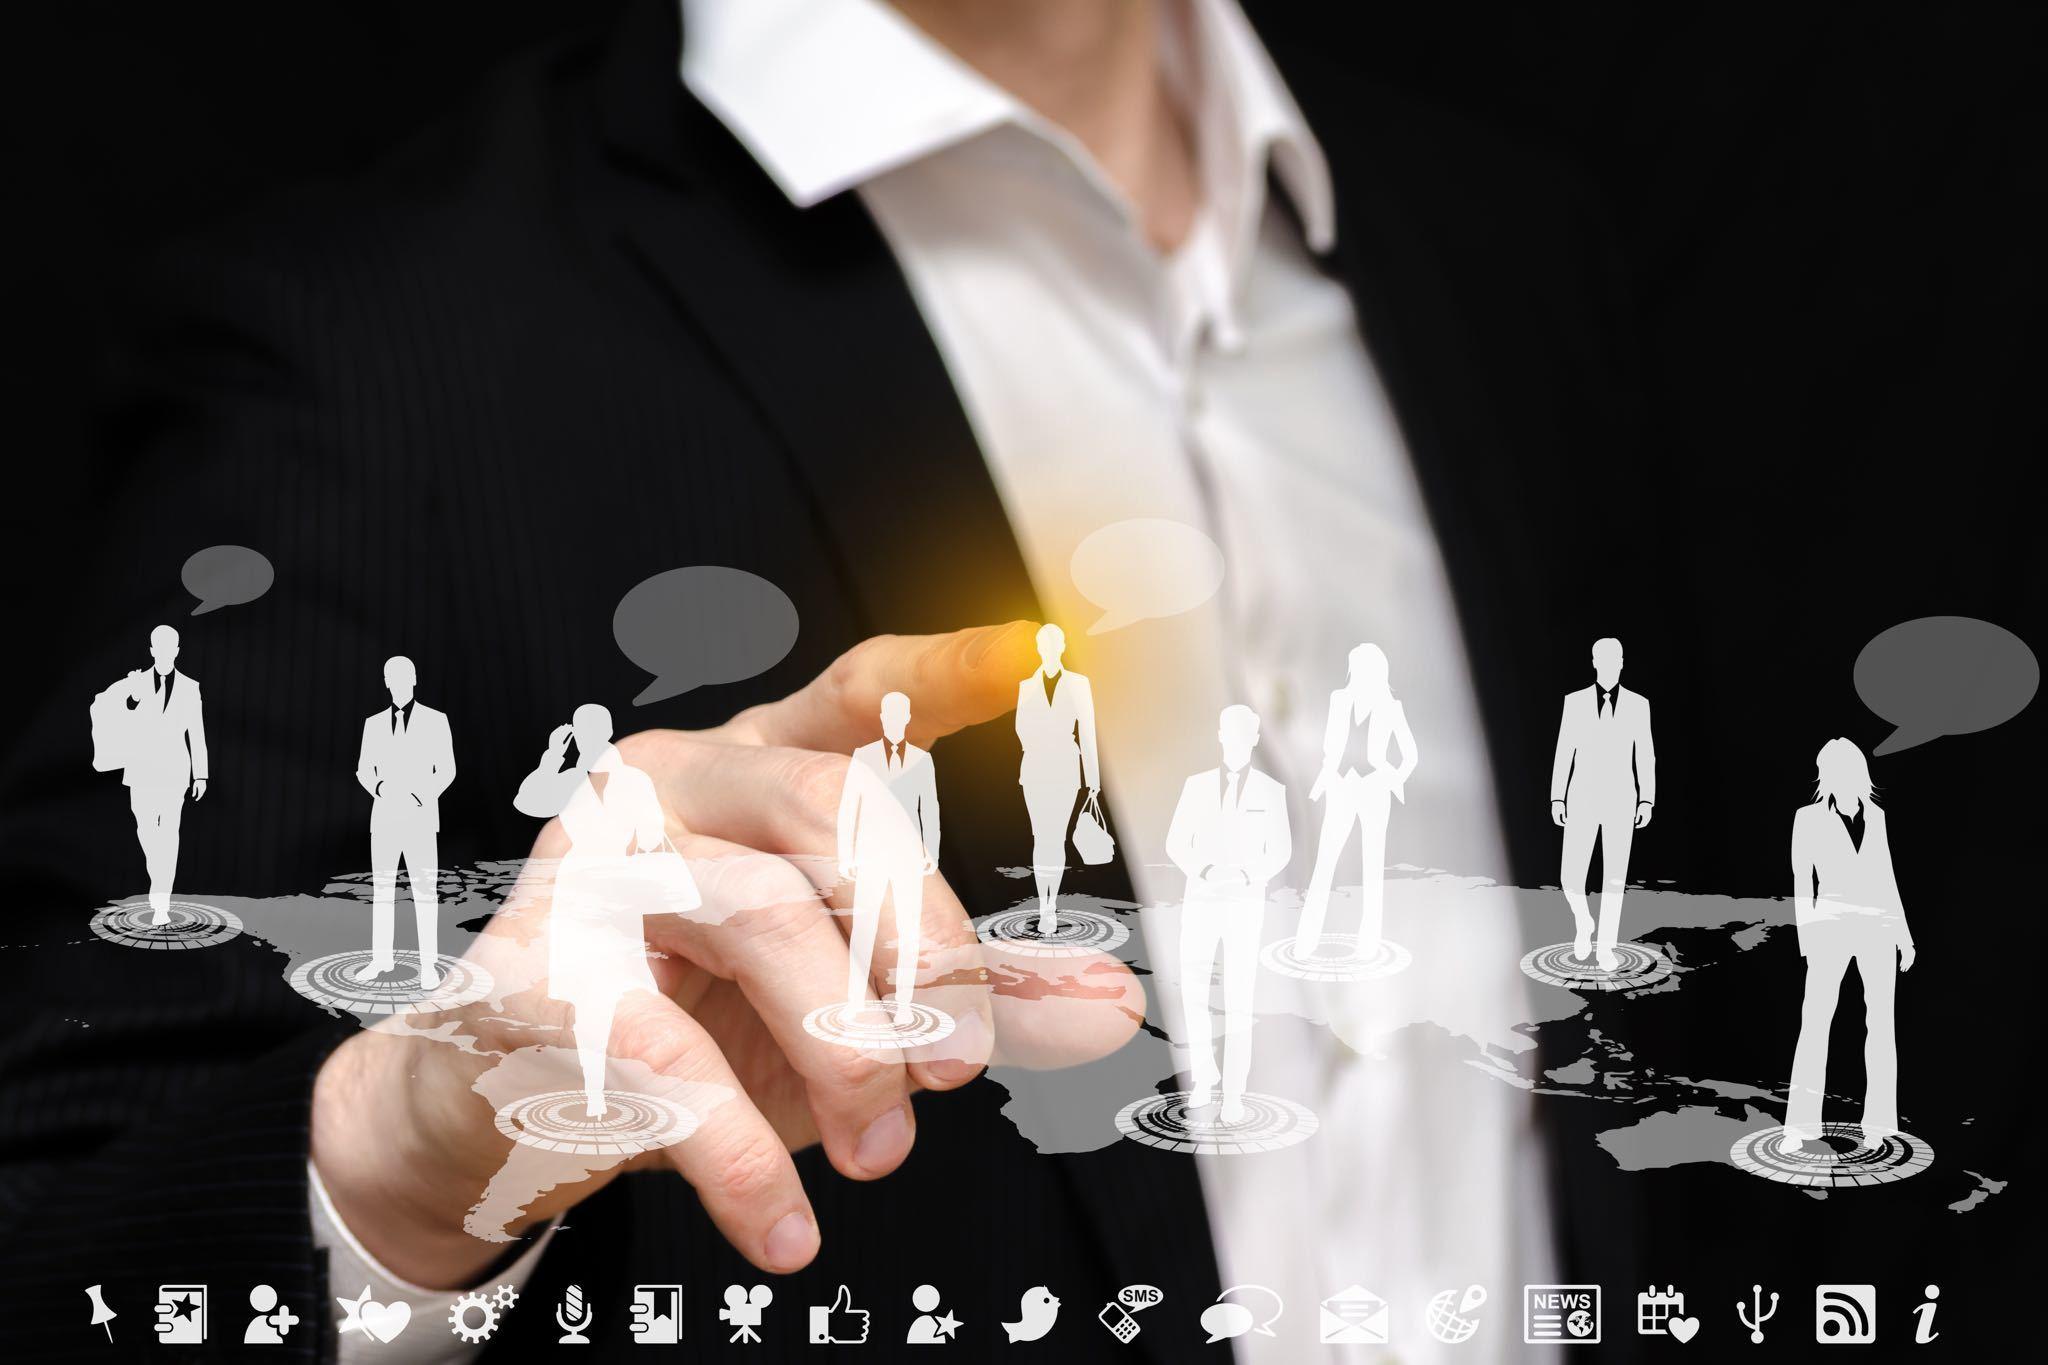 planifier-evenements-medias-sociaux